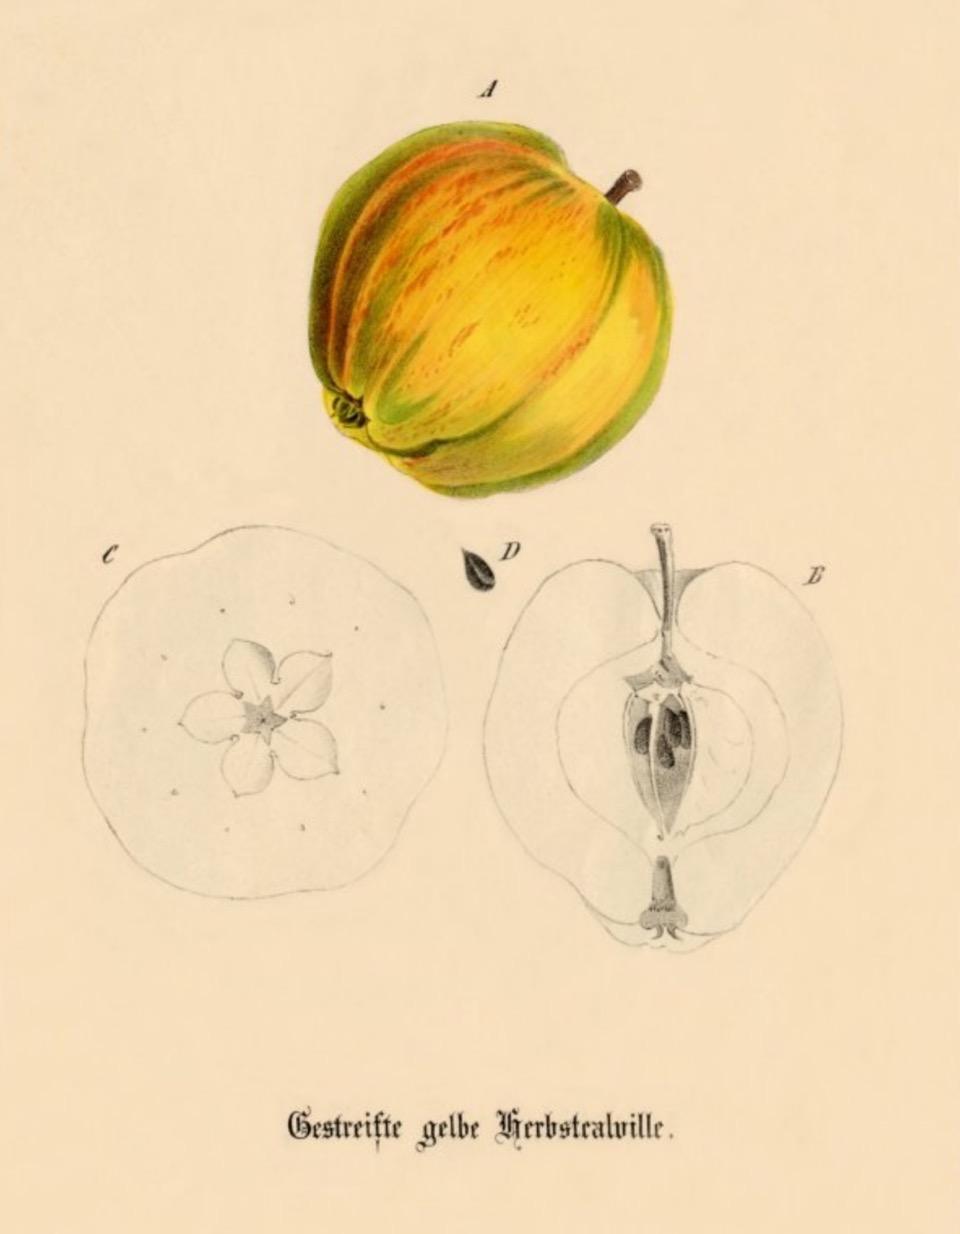 Historische Abbildung eines gelb-rötlichen und eines aufgeschnittenen Apfels; USDABUND Lemgo Obstsortendatenbank